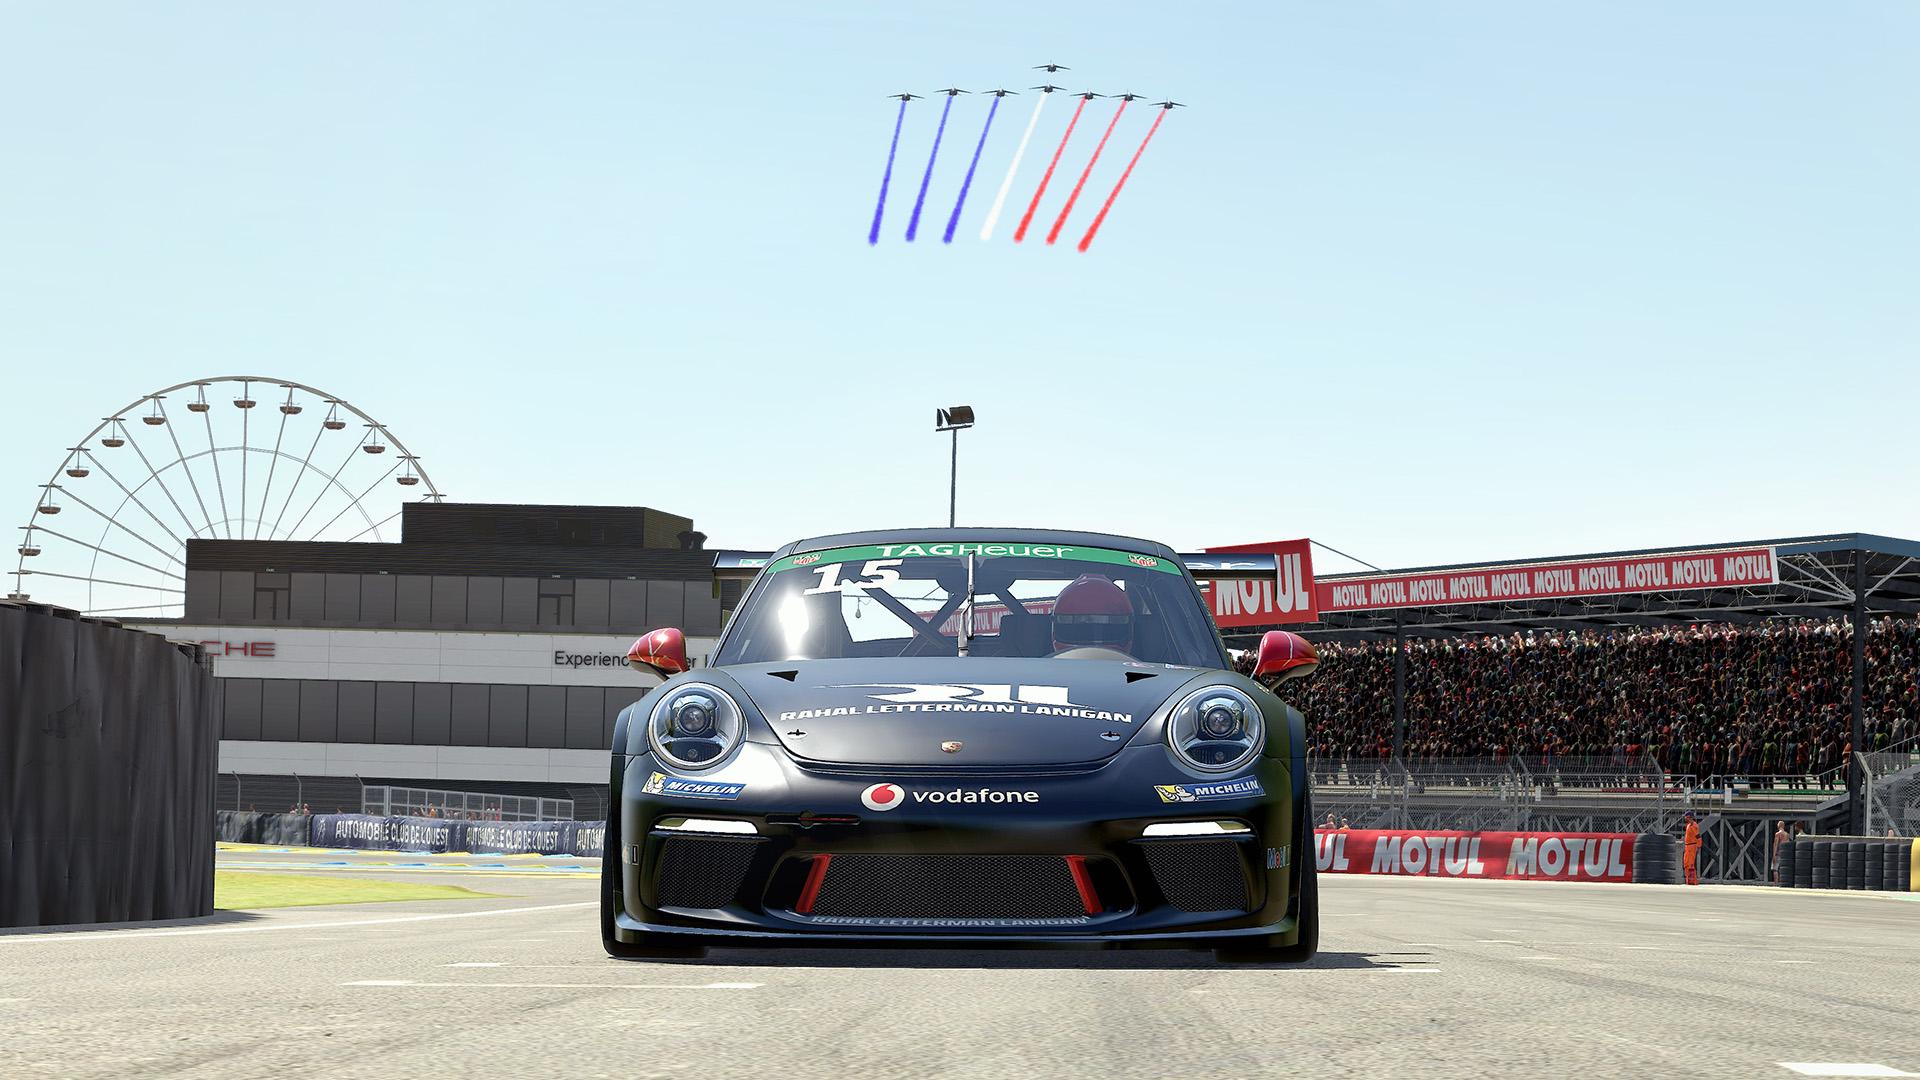 Porsche Tag Heuer